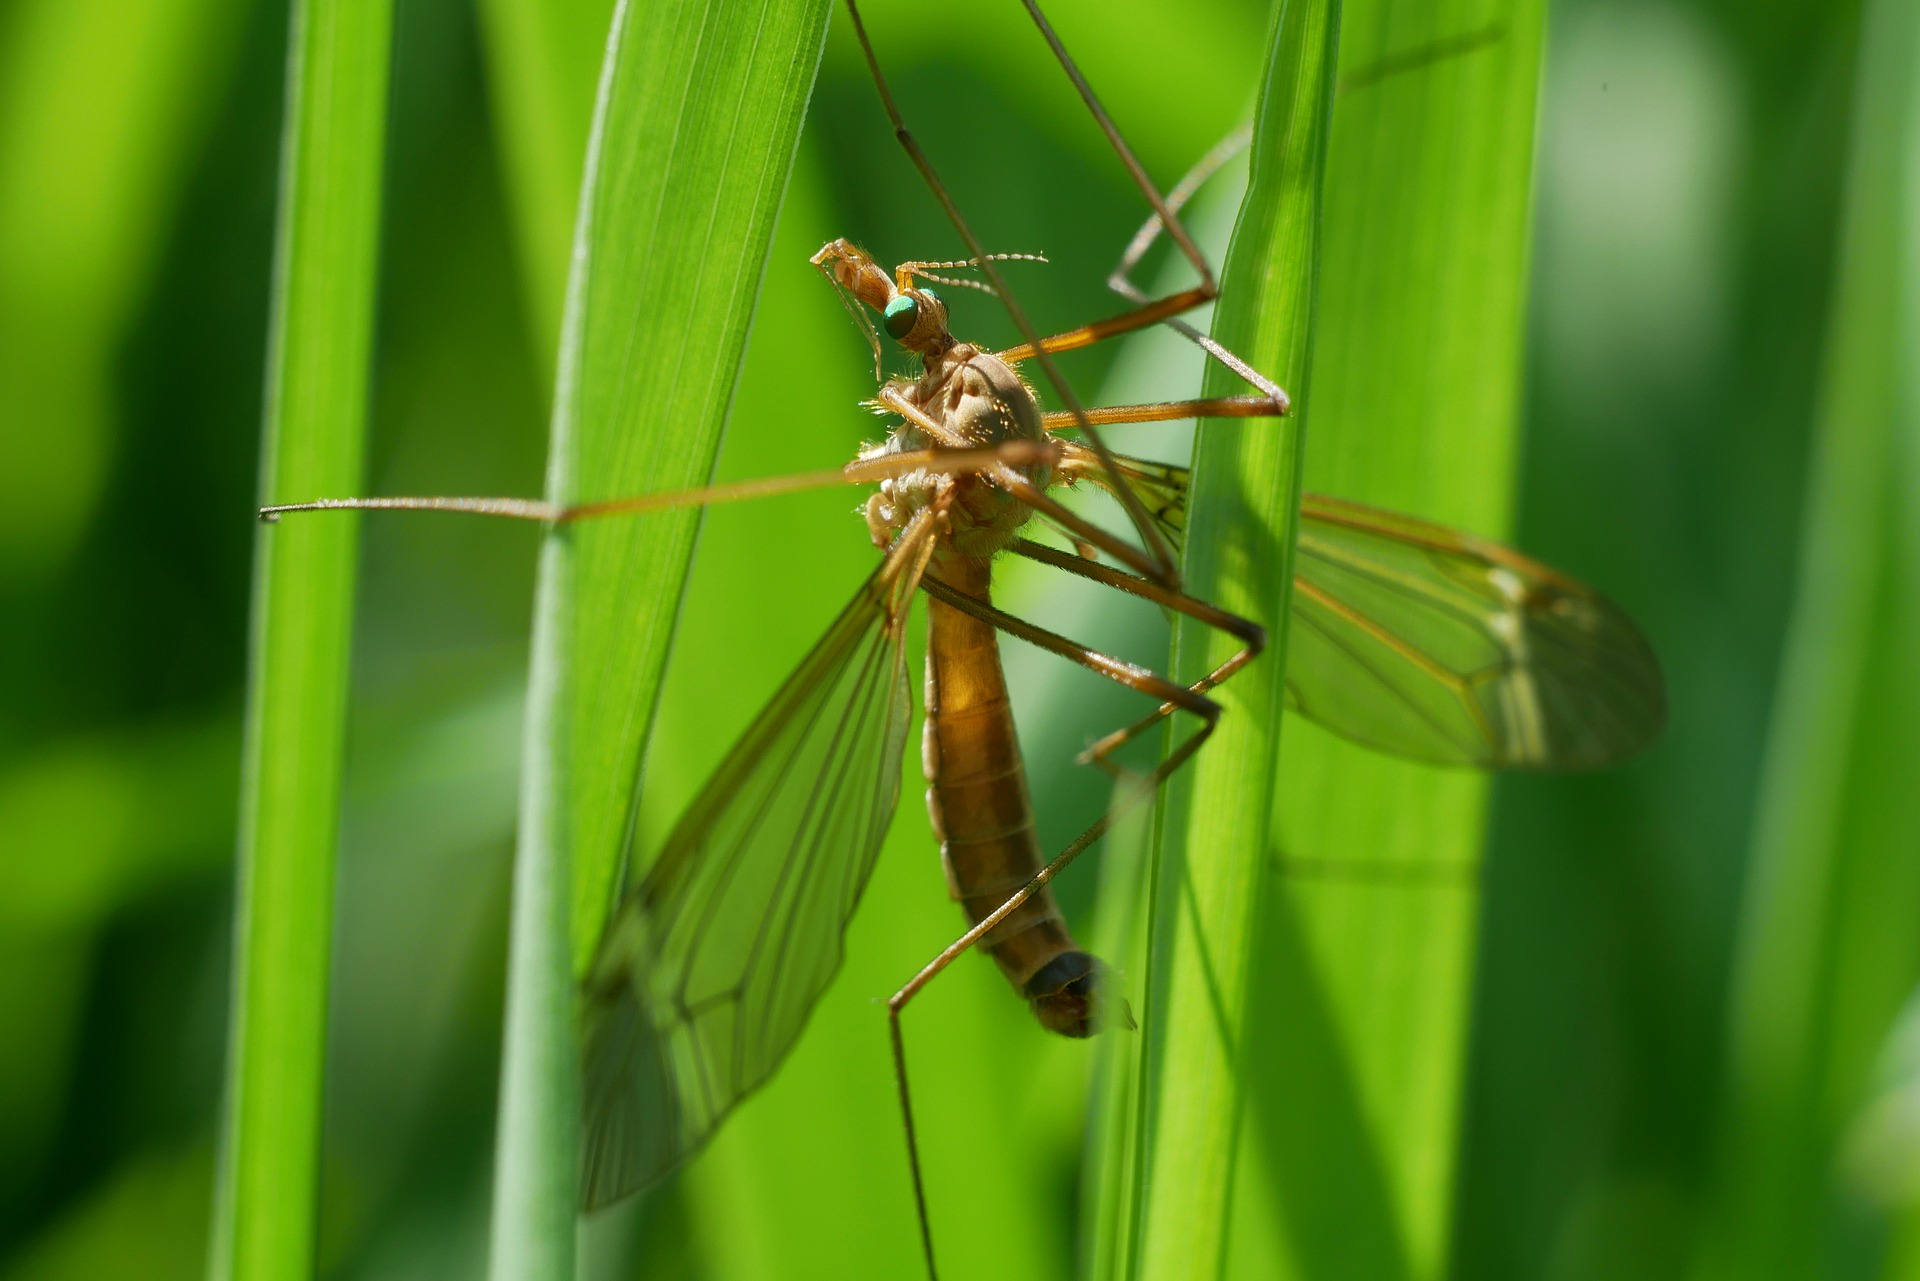 komar jest w stanie trafić w nieowłosione okolice oczu, pyska, uszu czy odbytu psa.